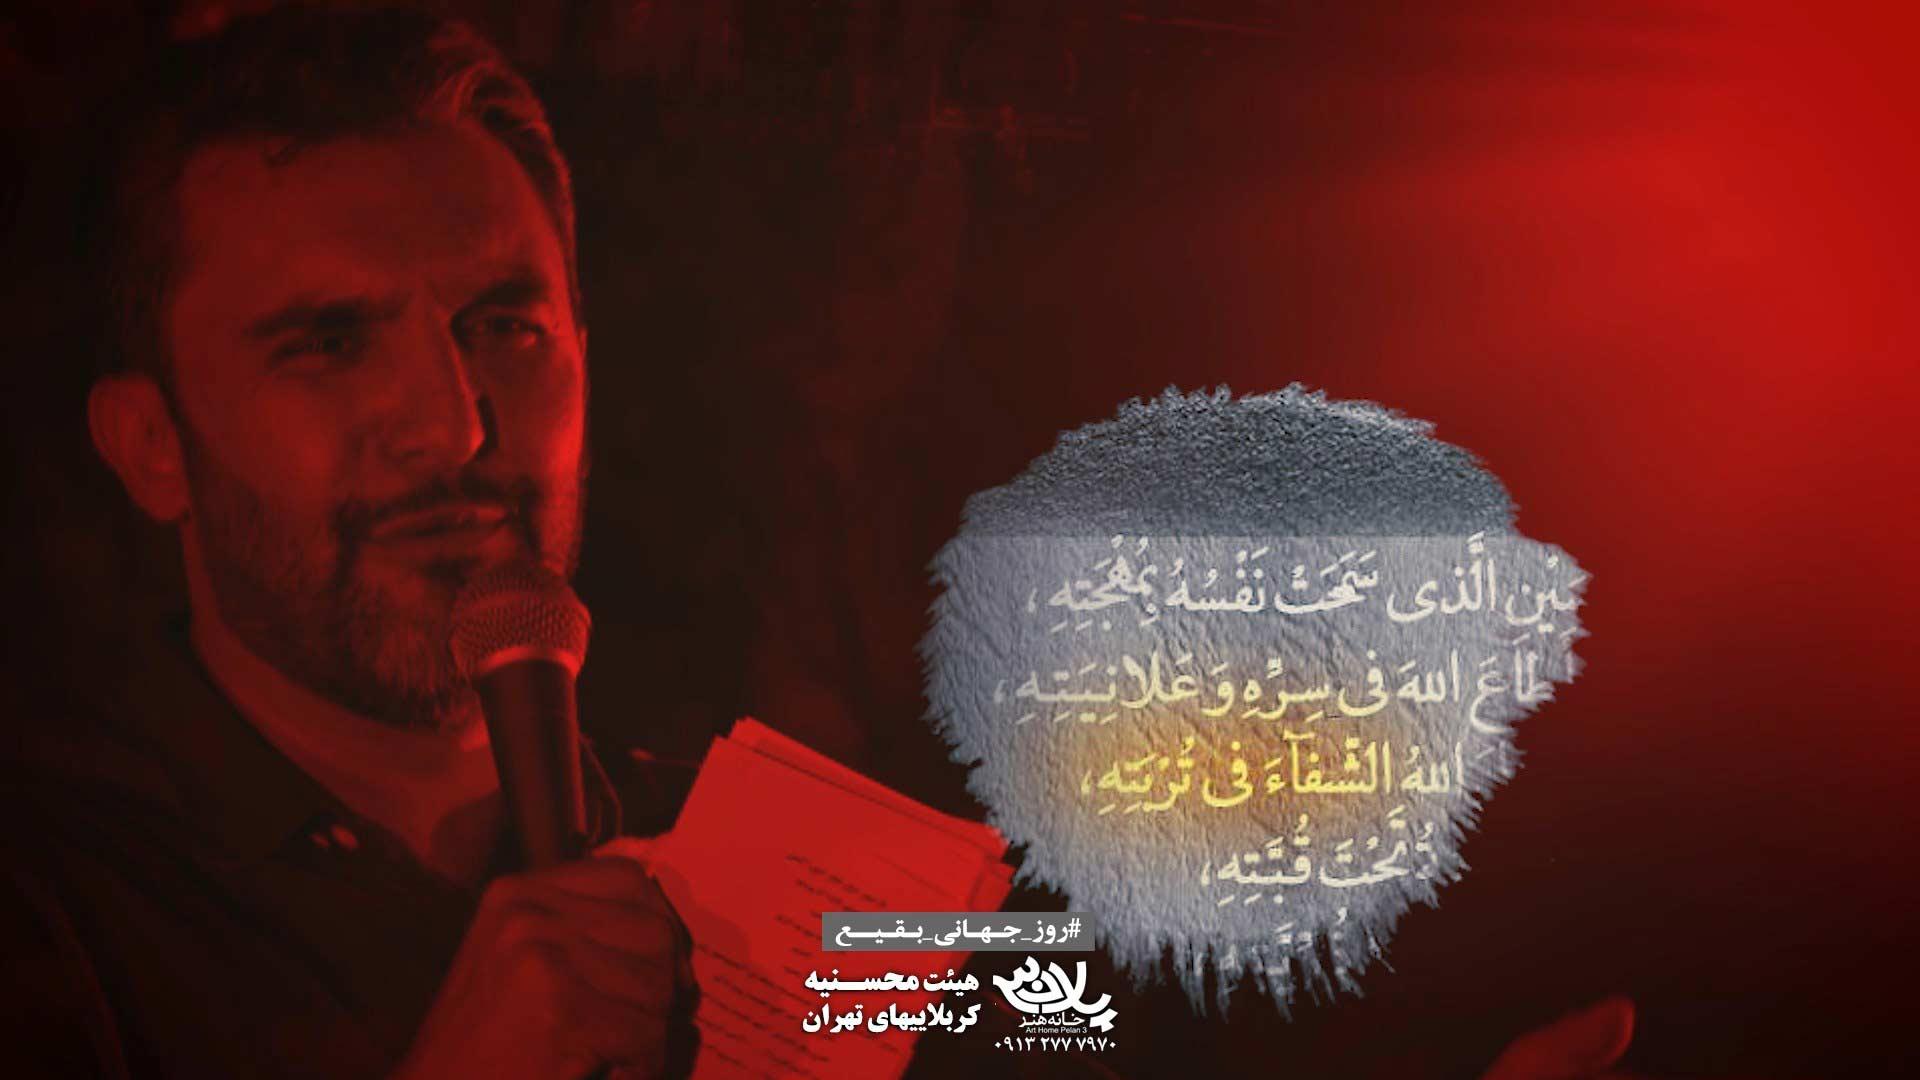 اسم شما مرحمه حمید علیمی